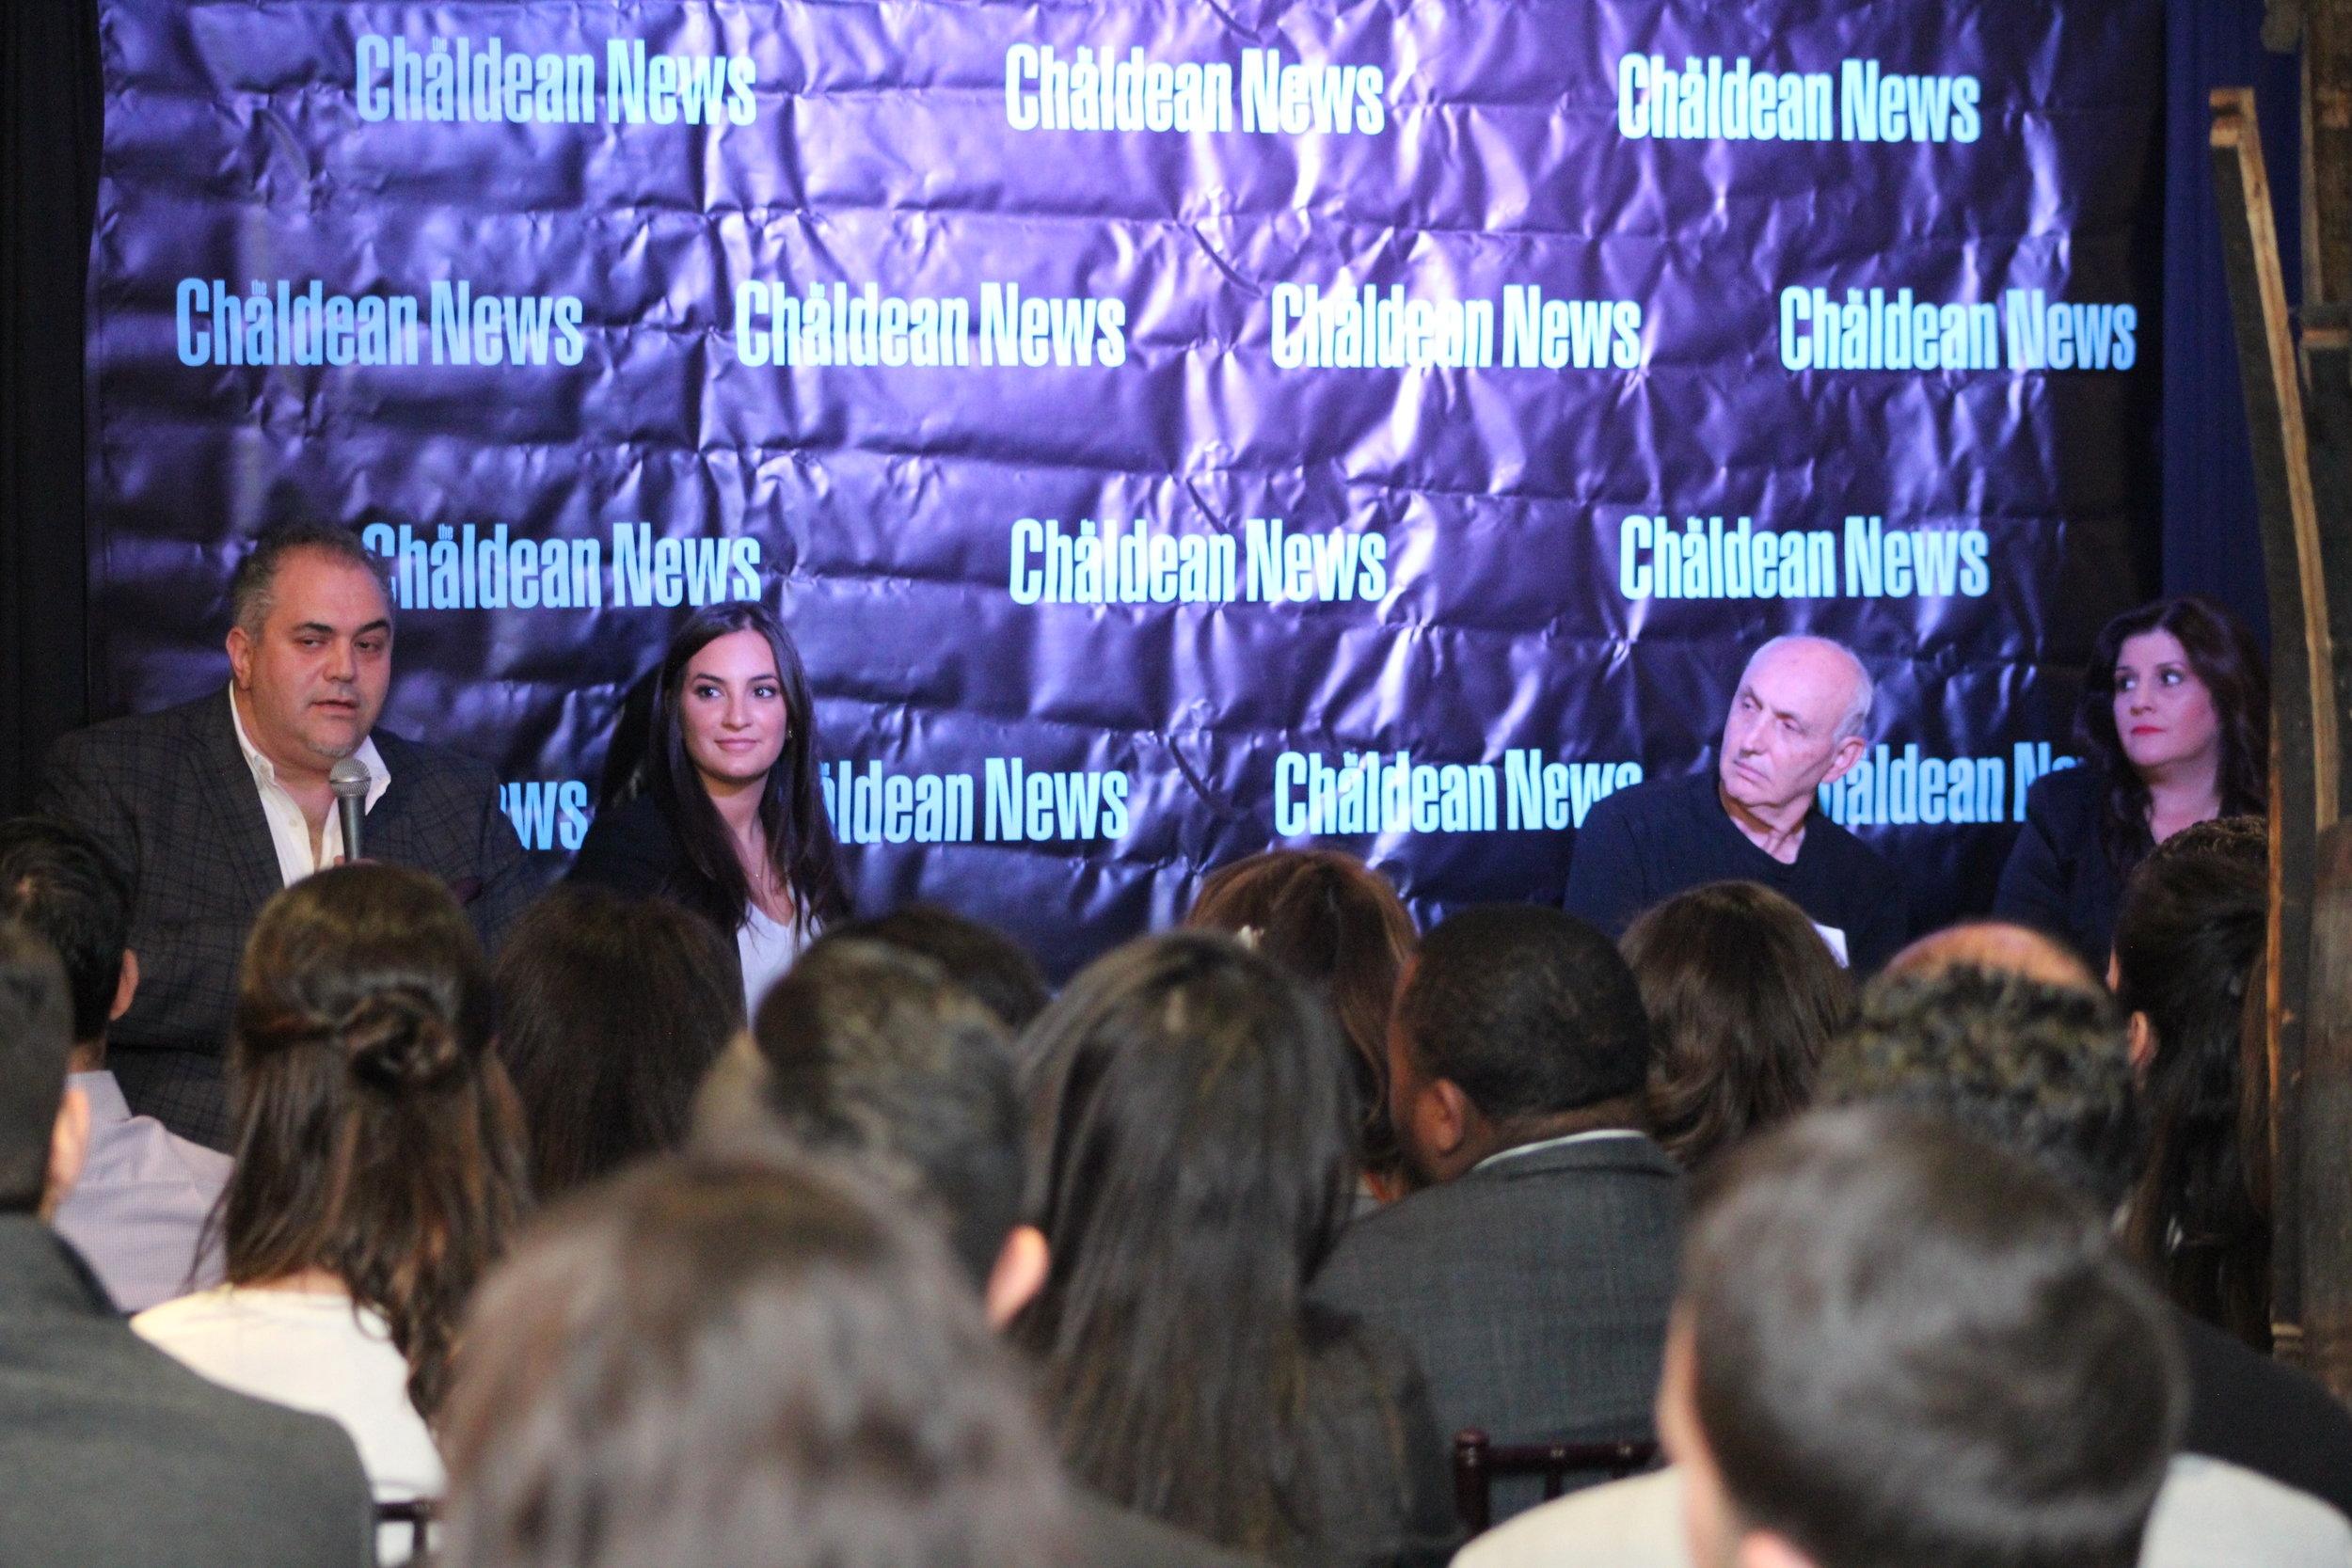 From Left to Right: Zaid Elia, Serena Denha, John Jonna, and Zeana Attisha